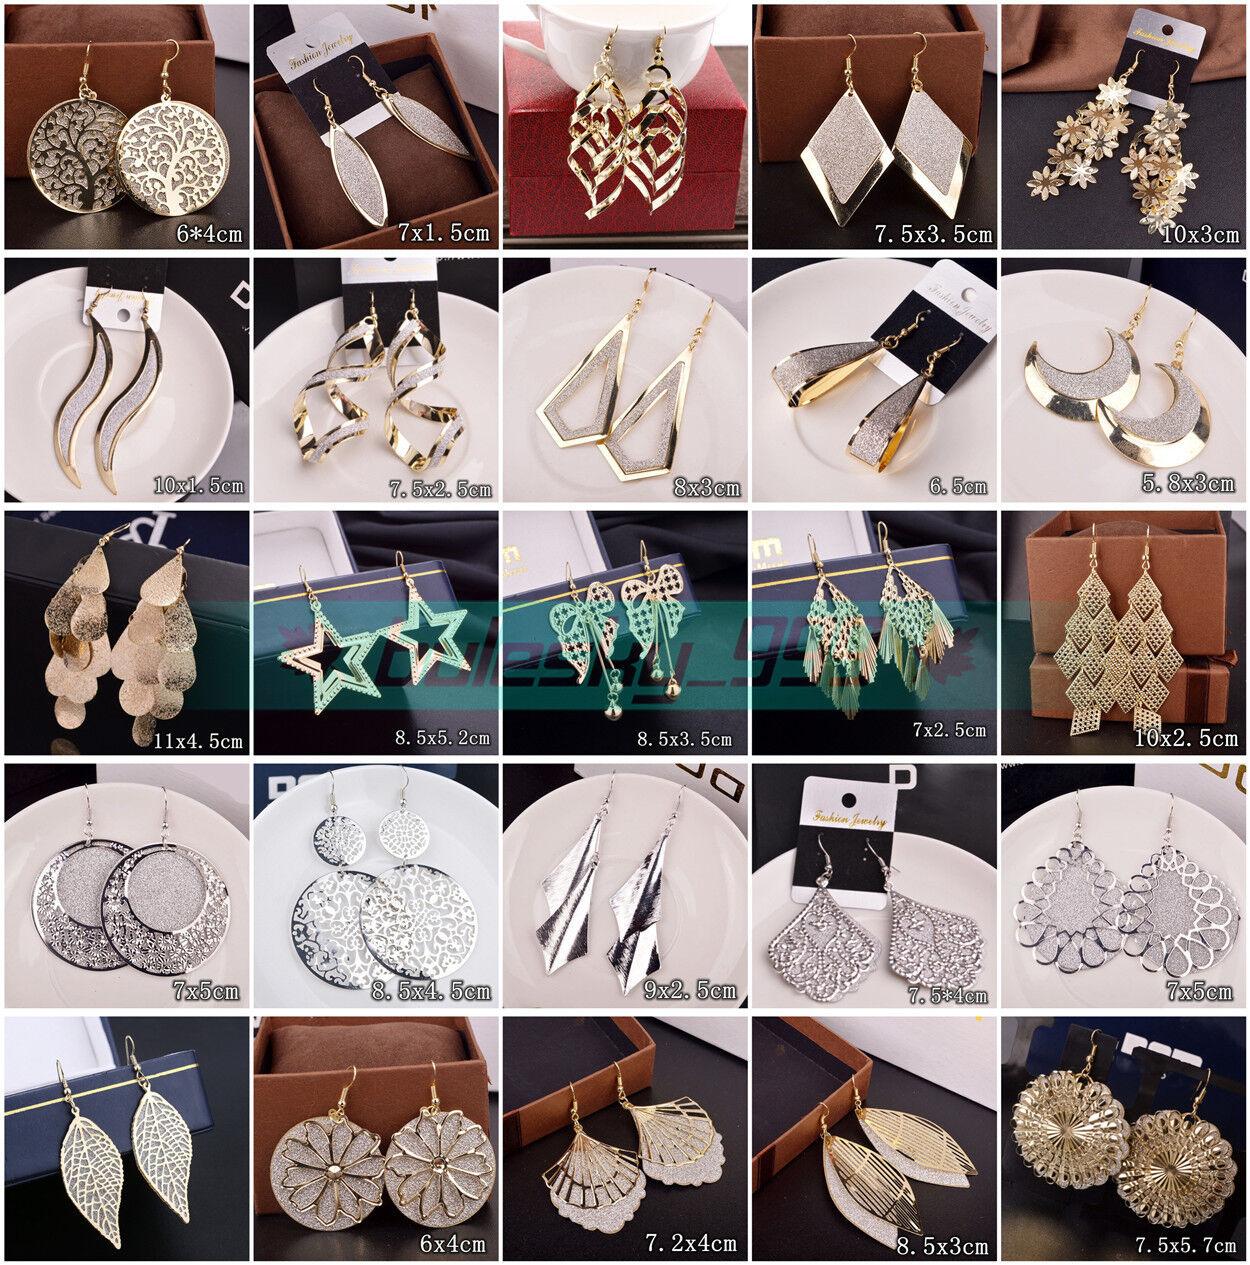 Jewellery - HOT Women Lady Hook Dangle Drop Fashion Earrings Ear Stud Wedding Jewelry Gift